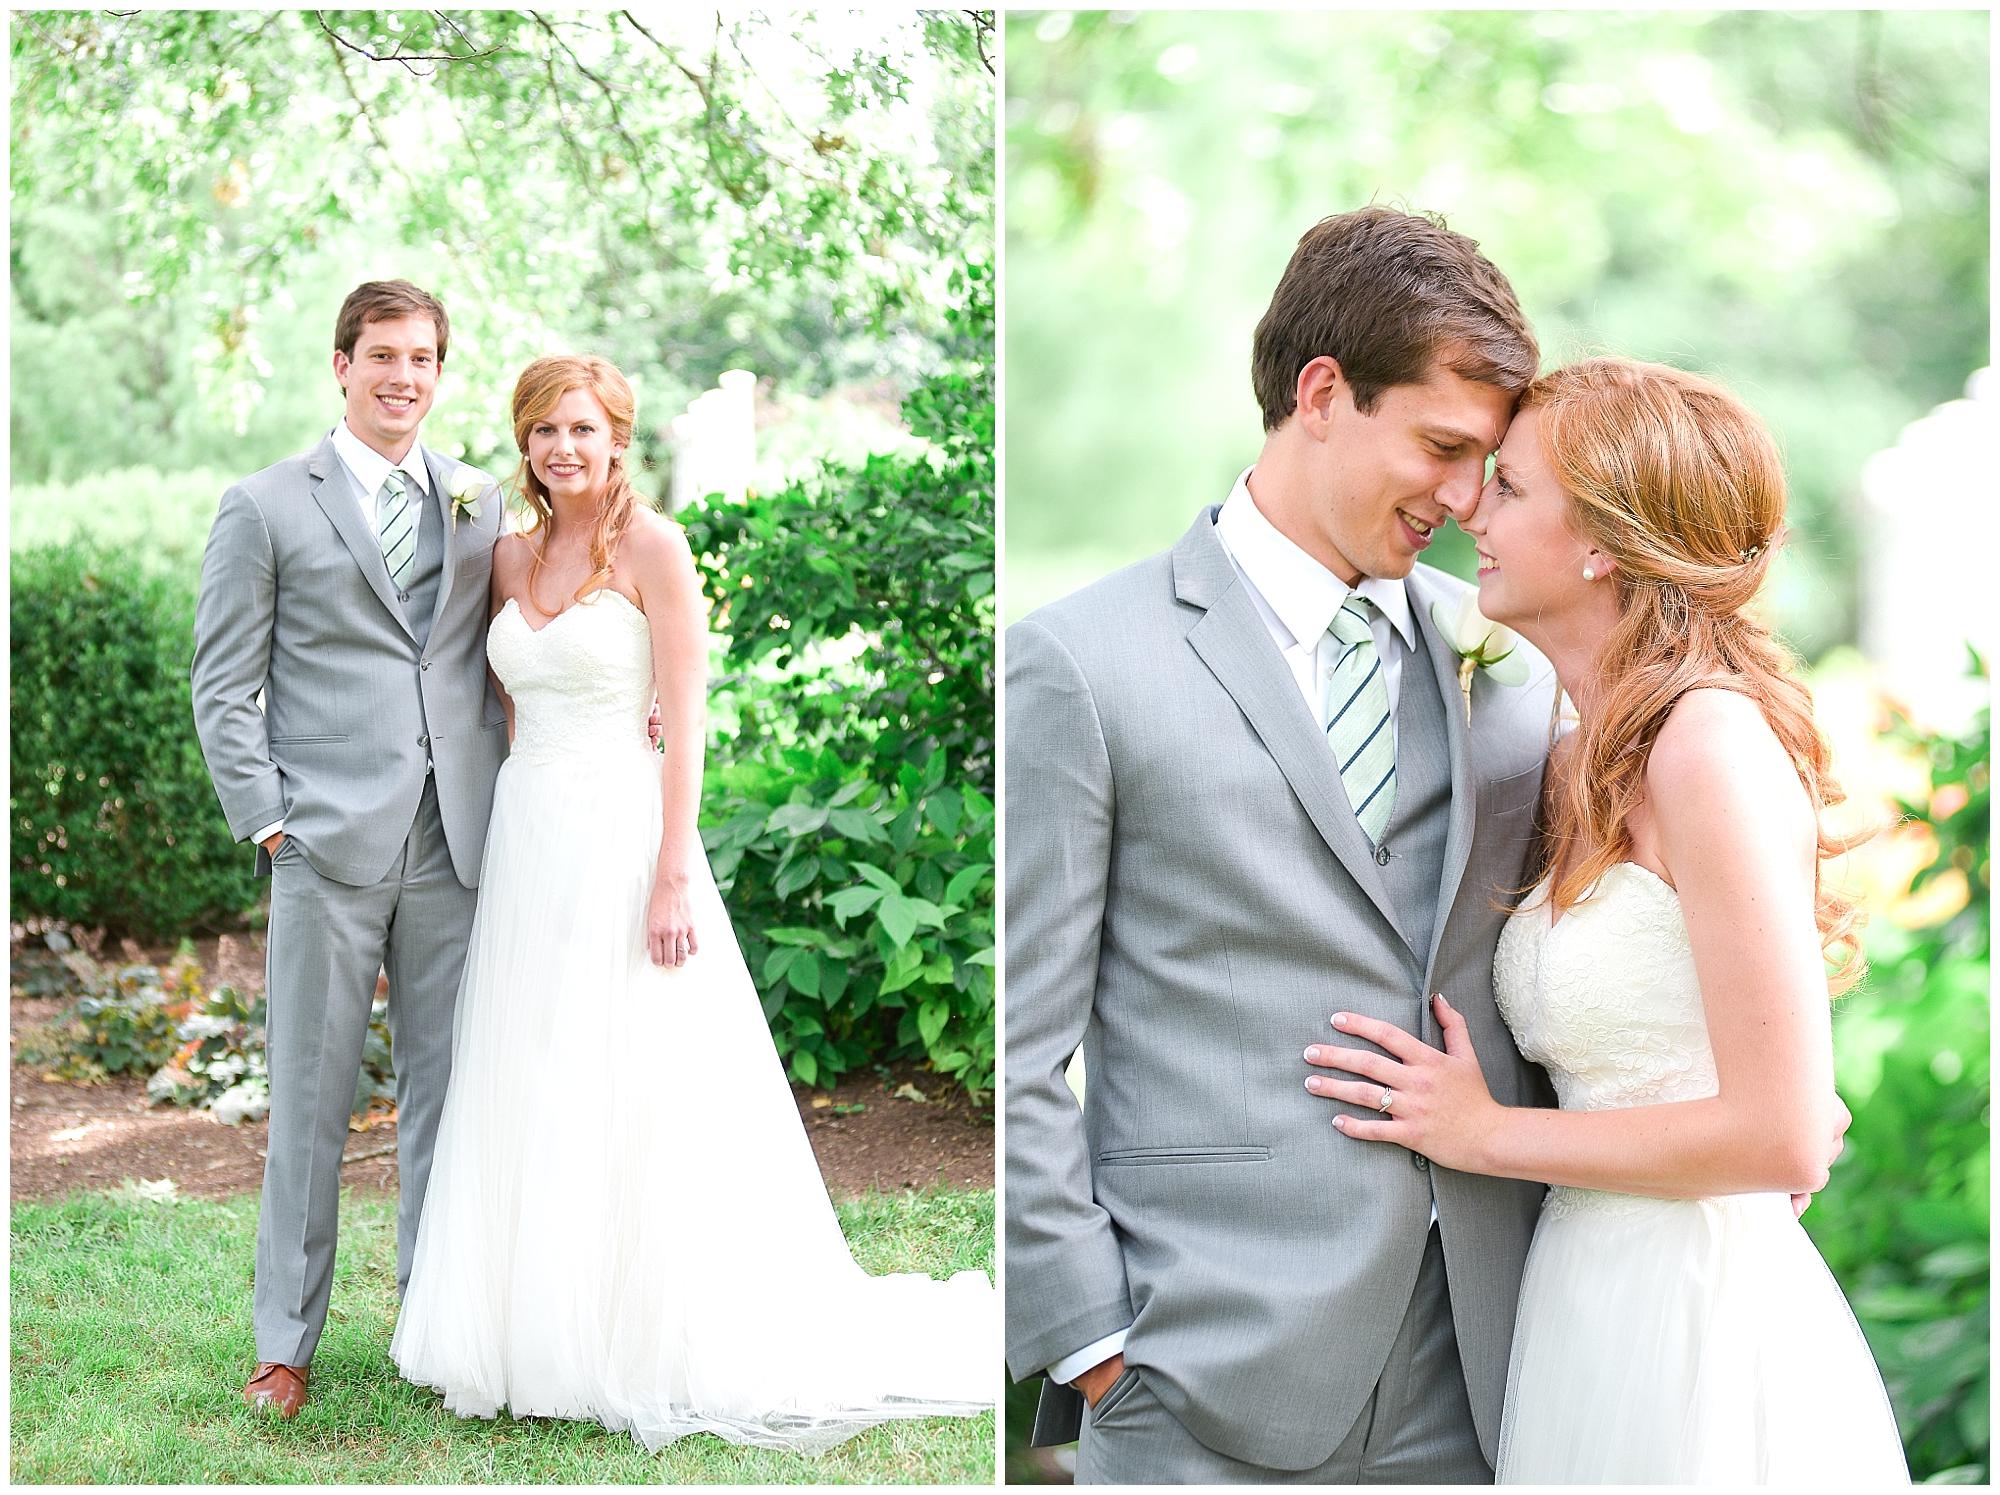 bride-groom-photos-lexington-ky